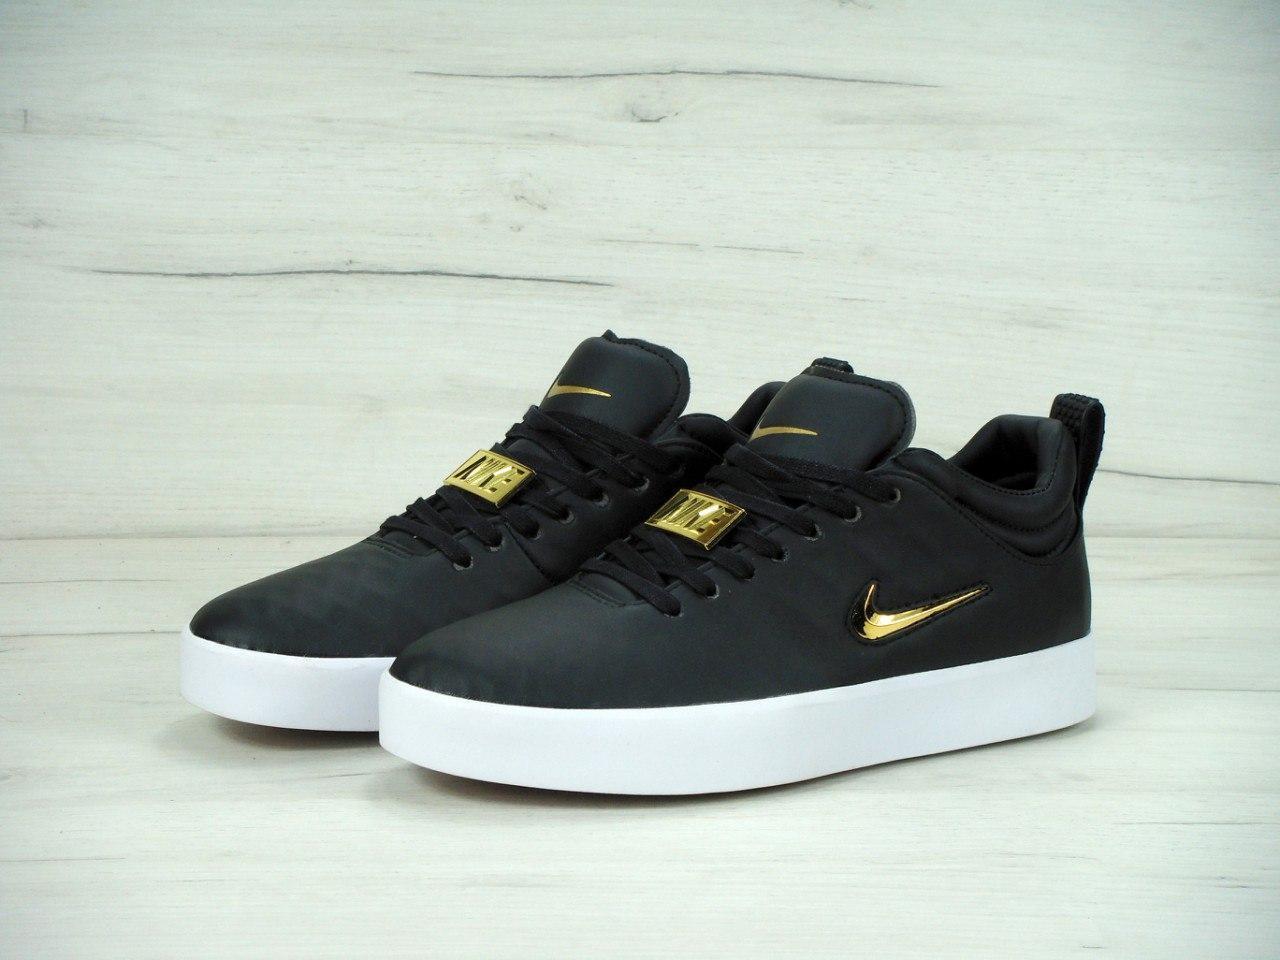 a722f8b33c72e3 Мужские кроссовки Nike Tiempo (Реплика) 11337 - Интернет-магазин